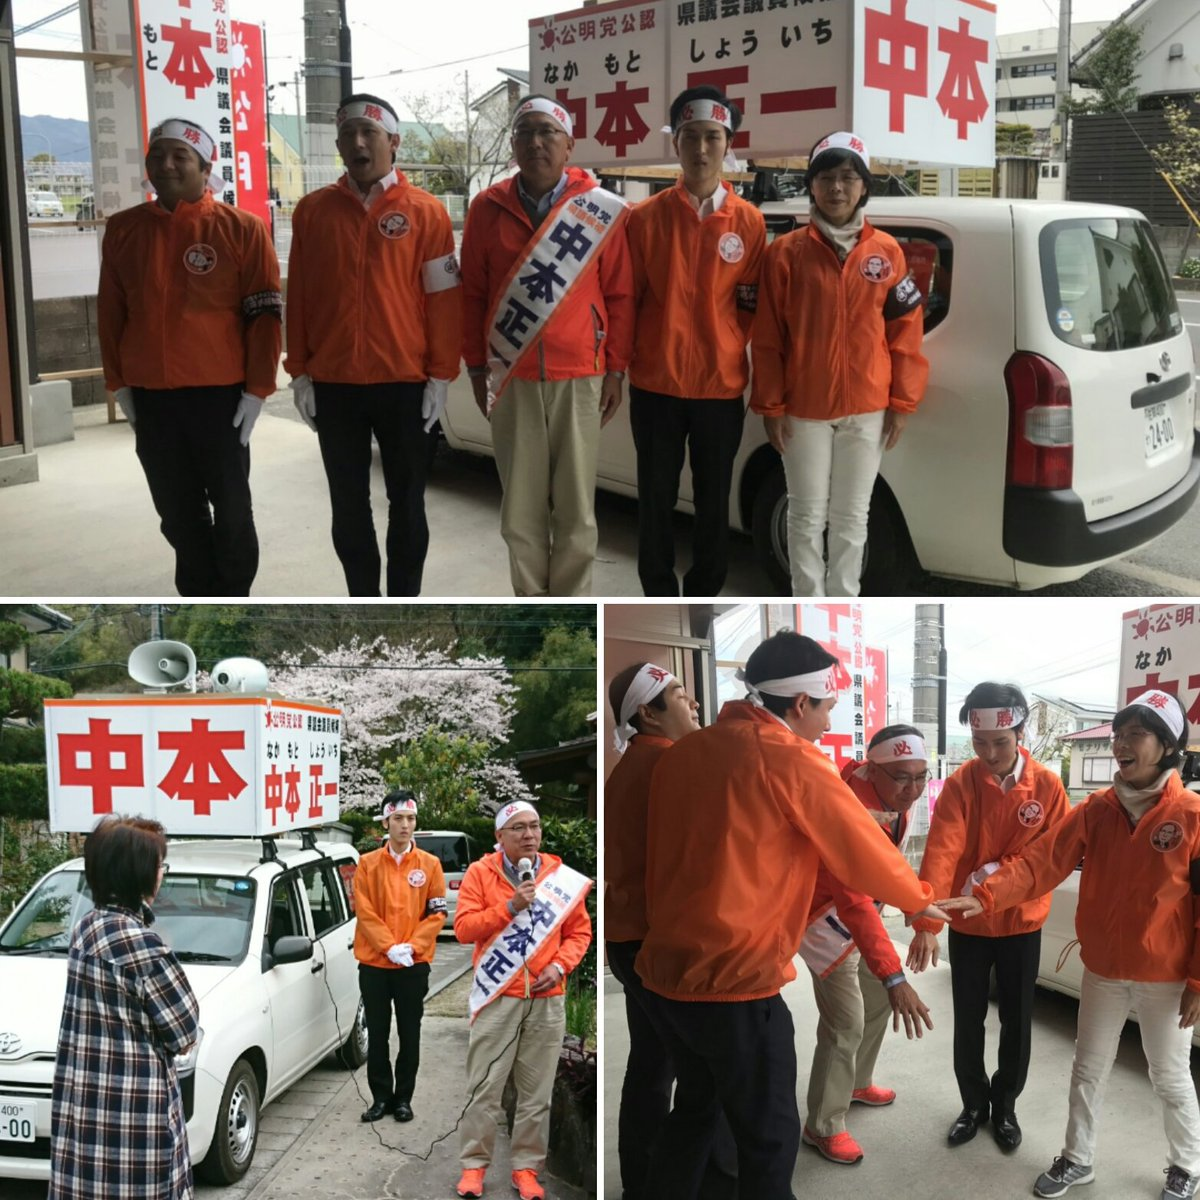 4月5日 佐賀県議選・佐賀市選挙区『#中本 正一』候補。10時~の遊説は、遊説隊と頑張ります❗<br /><br /><br /> 選挙戦もあと2日。皆様のお力をお貸しください‼